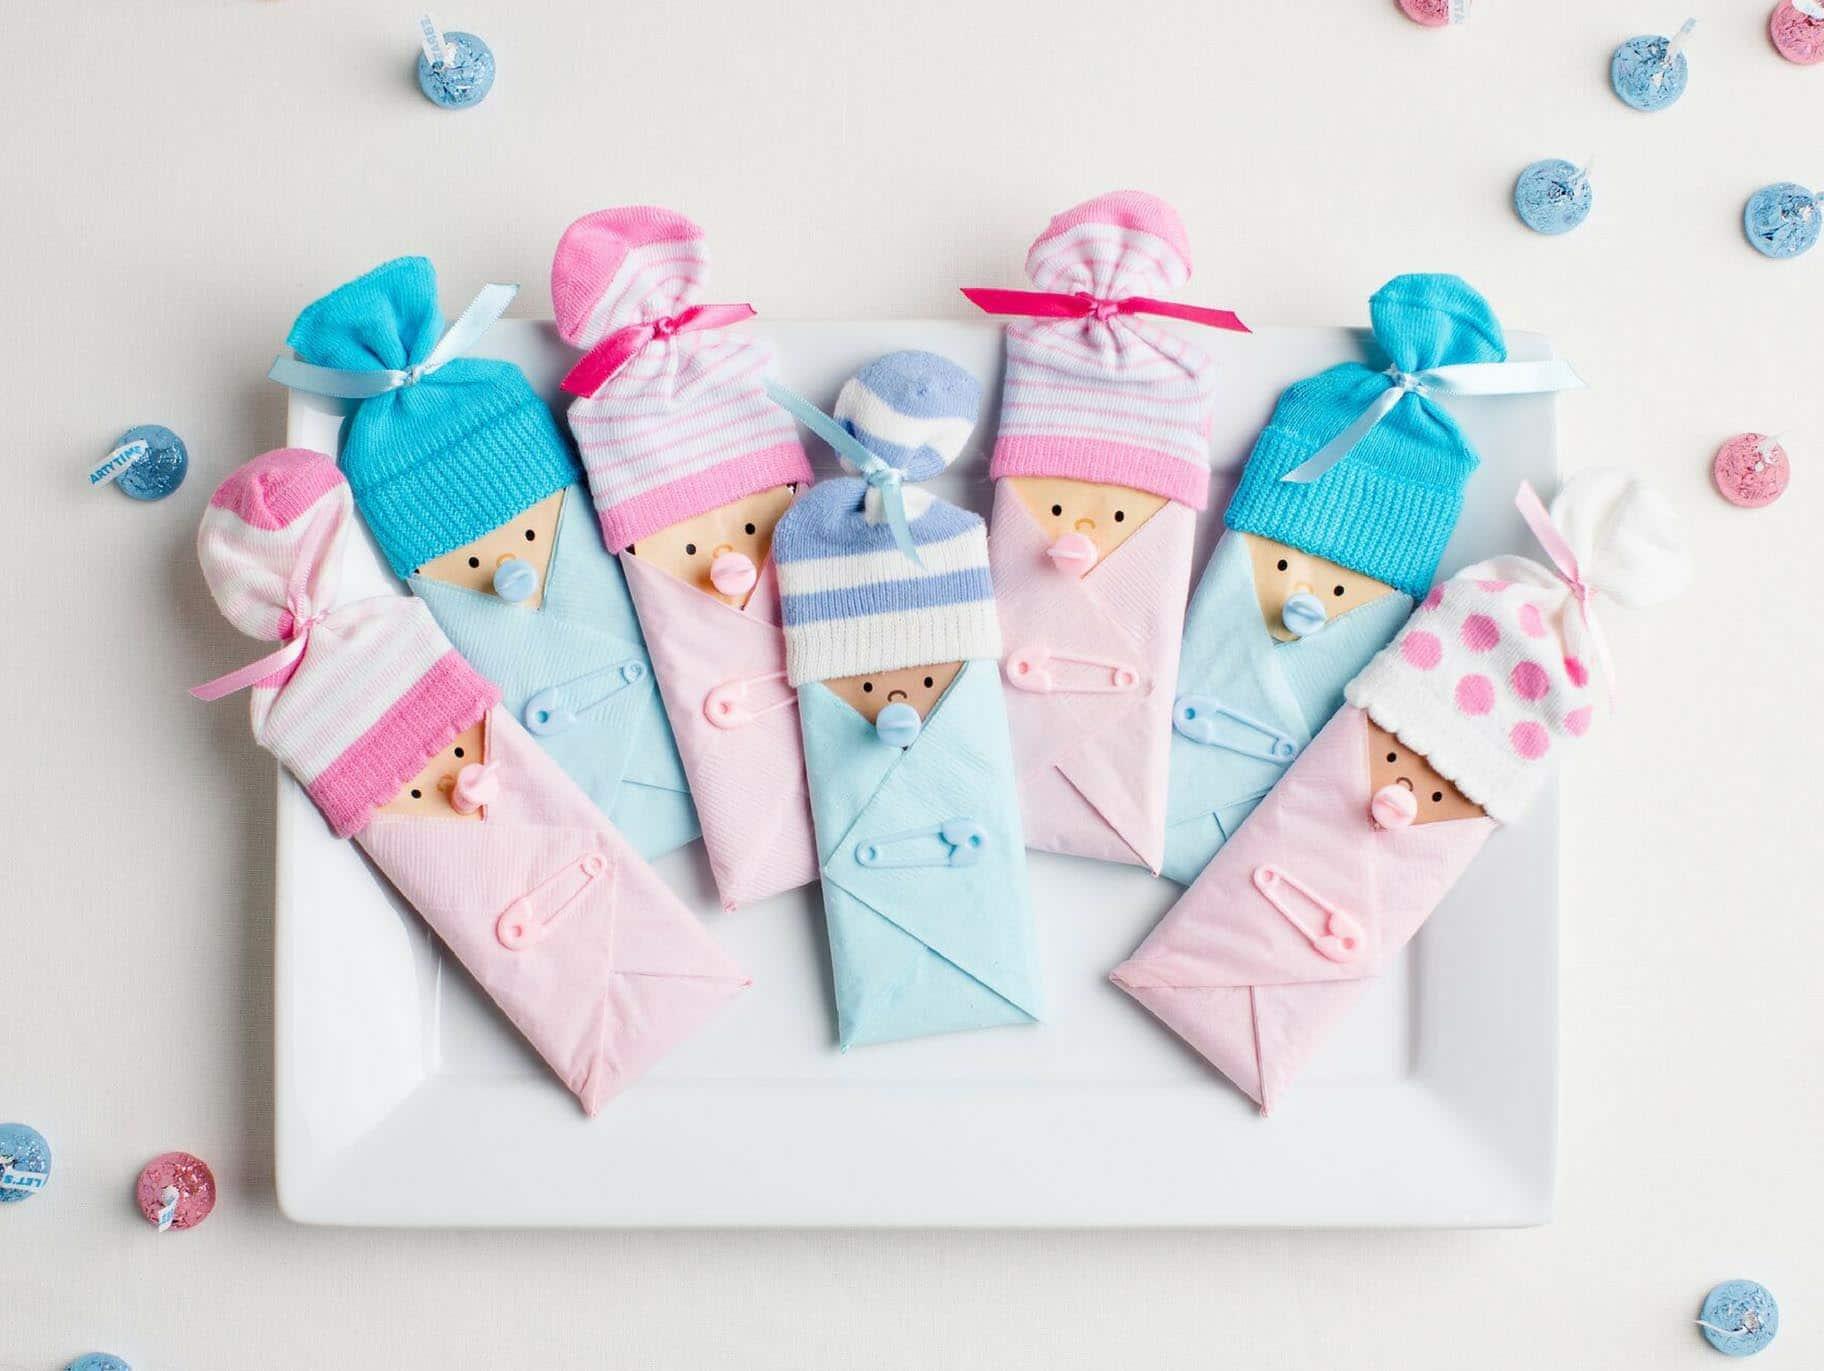 Mejores Regalos Baby Shower.Organiza El Mejor Baby Shower Con Los Registros De Regalos